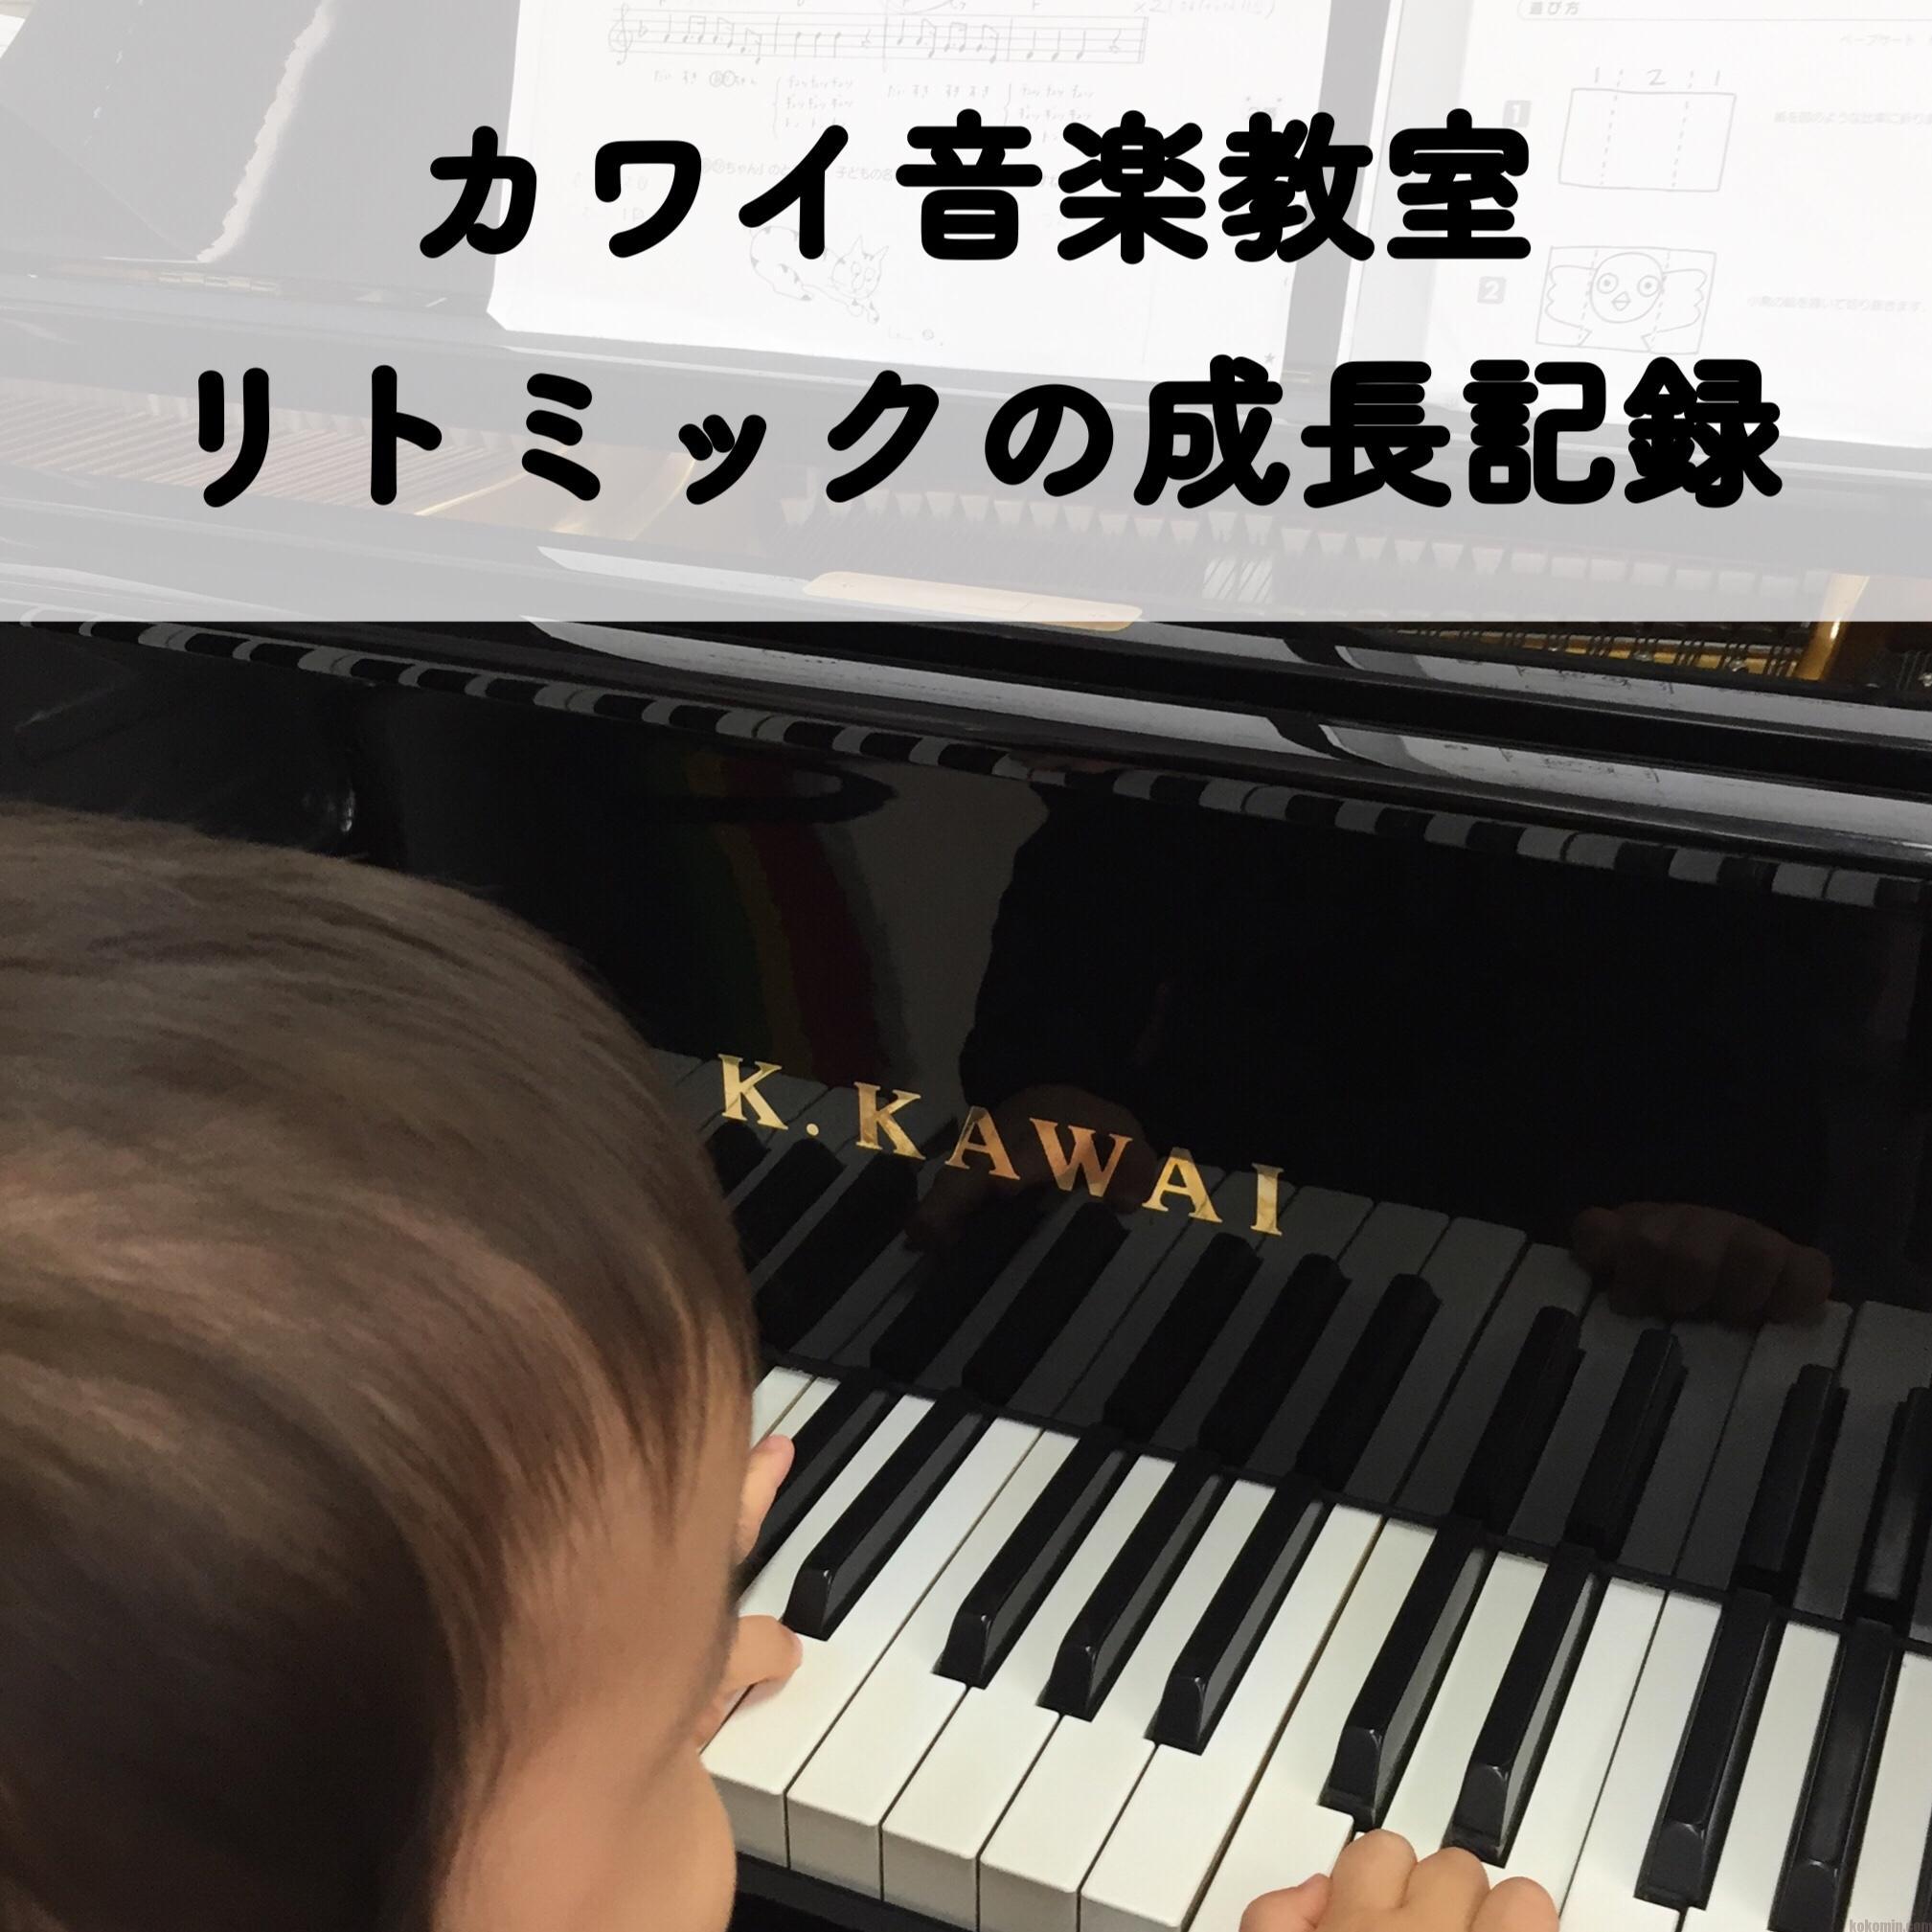 カワイ音楽教室 親子リトミック クーちゃんランド 口コミ 評判 評価 ブログ 2018年